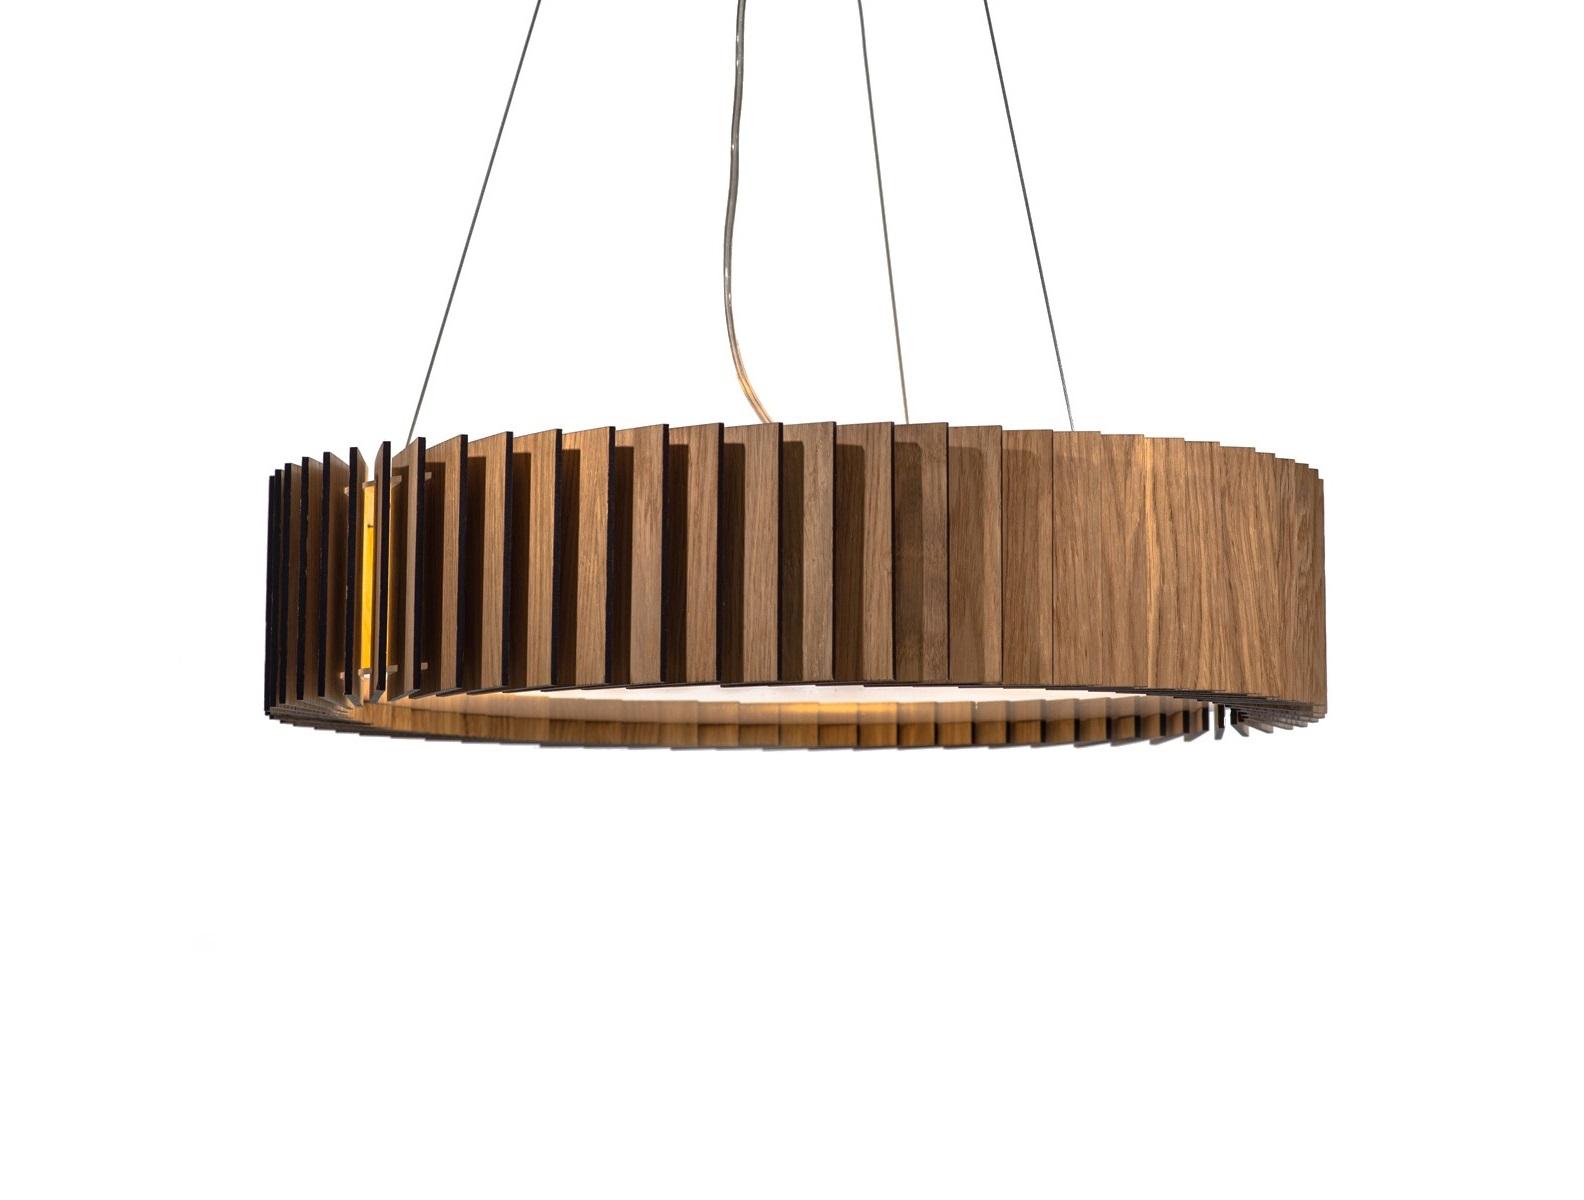 Светильник РоторПодвесные светильники<br>Ротор представляют собой люстру, основание которой изготовлено из акрилового матового стекла, деревянные пластины выполнены из шпона дуба и покрыты защитными маслами и воском. Светильник оснащён 4 патронами для светодиодных лампочек, что обеспечит яркий поток света для всего помещения. Свет проходит через деревянные лопасти, направленные под углом, и рождает впечатляющие узоры на стенах.&amp;amp;nbsp;&amp;lt;div&amp;gt;&amp;lt;br&amp;gt;&amp;lt;div&amp;gt;&amp;lt;div&amp;gt;Вид цоколя: E27&amp;lt;/div&amp;gt;&amp;lt;div&amp;gt;Мощность: &amp;amp;nbsp;9W&amp;amp;nbsp;&amp;lt;/div&amp;gt;&amp;lt;div&amp;gt;Количество ламп: 4 (нет в комплекте)&amp;lt;/div&amp;gt;&amp;lt;/div&amp;gt;&amp;lt;div&amp;gt;Внимание! Допускается использование только светодиодных или энергосберегающих ламп мощностью не более 9 Вт.&amp;amp;nbsp;&amp;lt;/div&amp;gt;&amp;lt;/div&amp;gt;<br><br>Material: Стекло<br>Высота см: 12